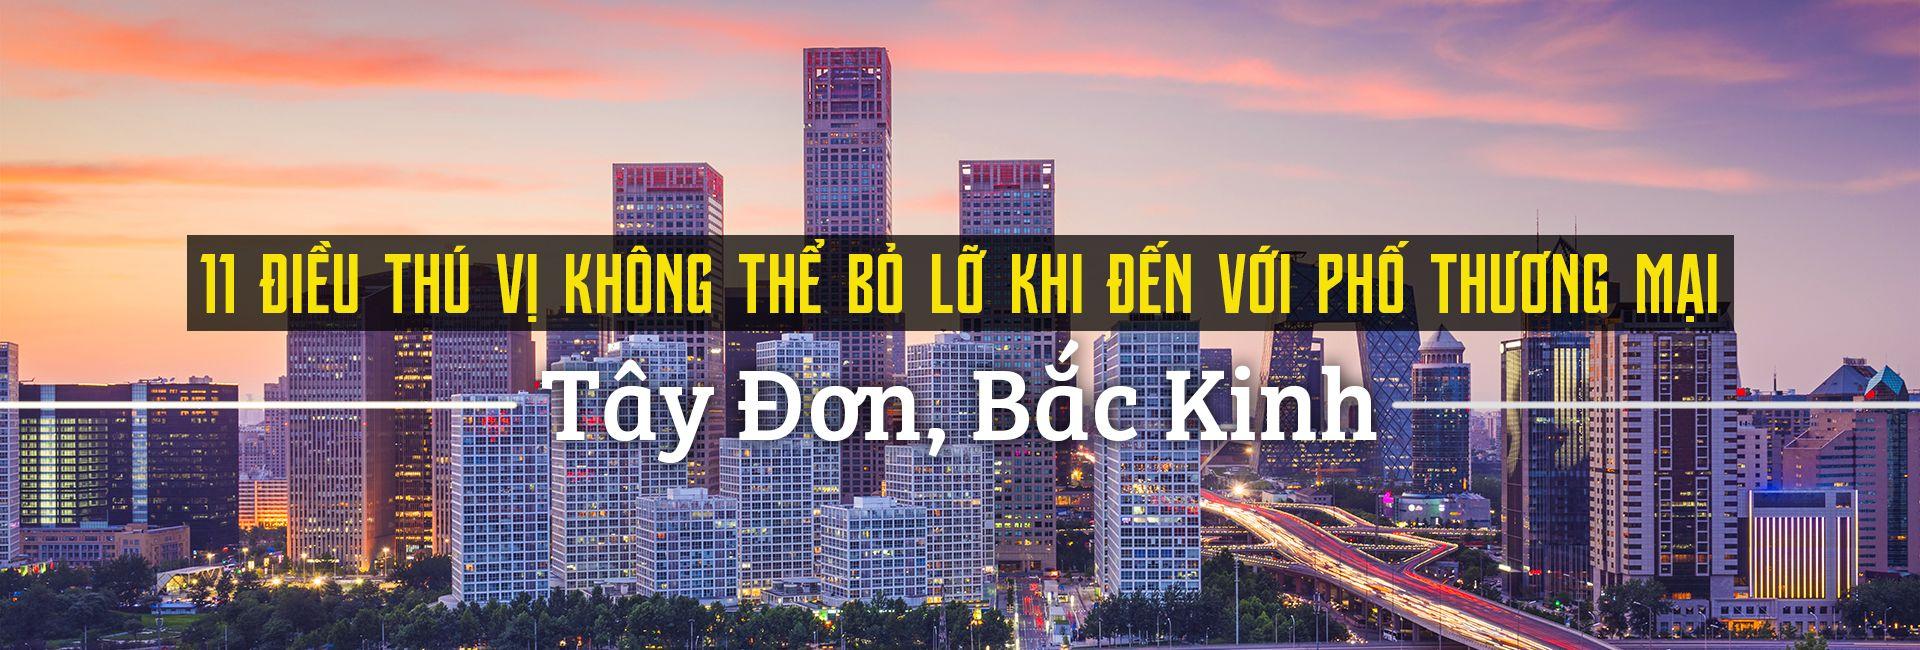 Top 11 trải nghiệm thú vị tại phố Tây Đơn, Bắc Kinh